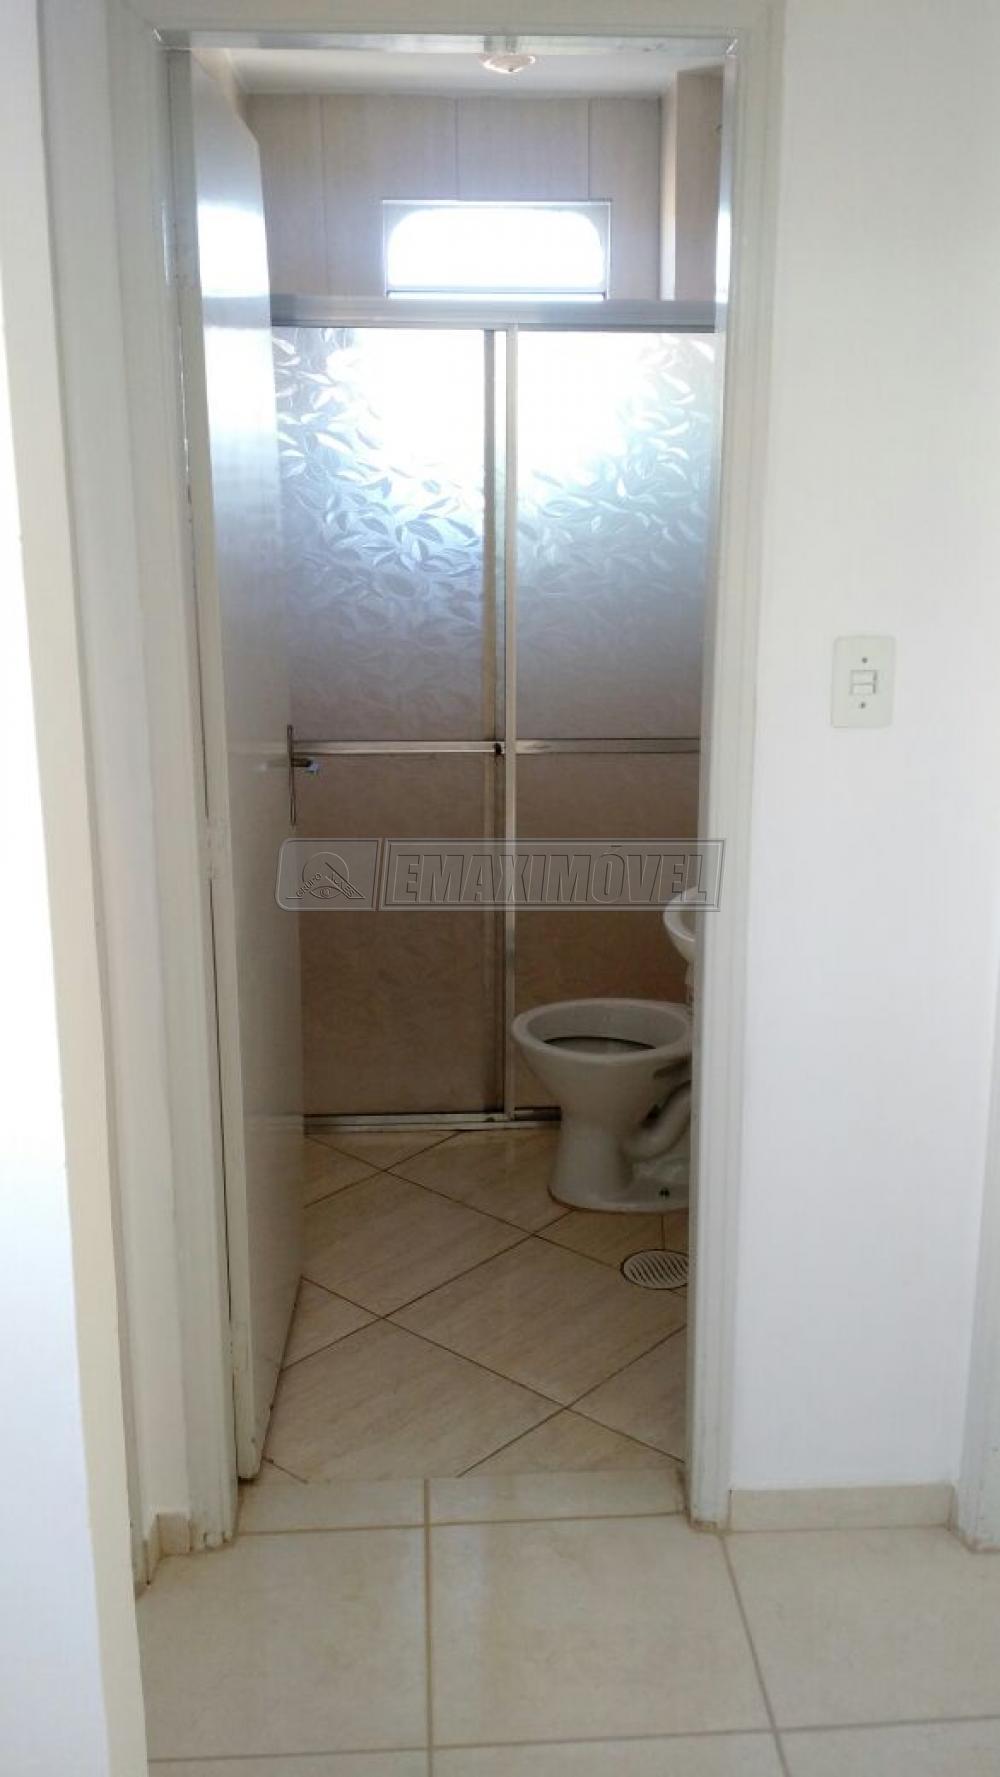 Alugar Apartamentos / Apto Padrão em Sorocaba apenas R$ 500,00 - Foto 15